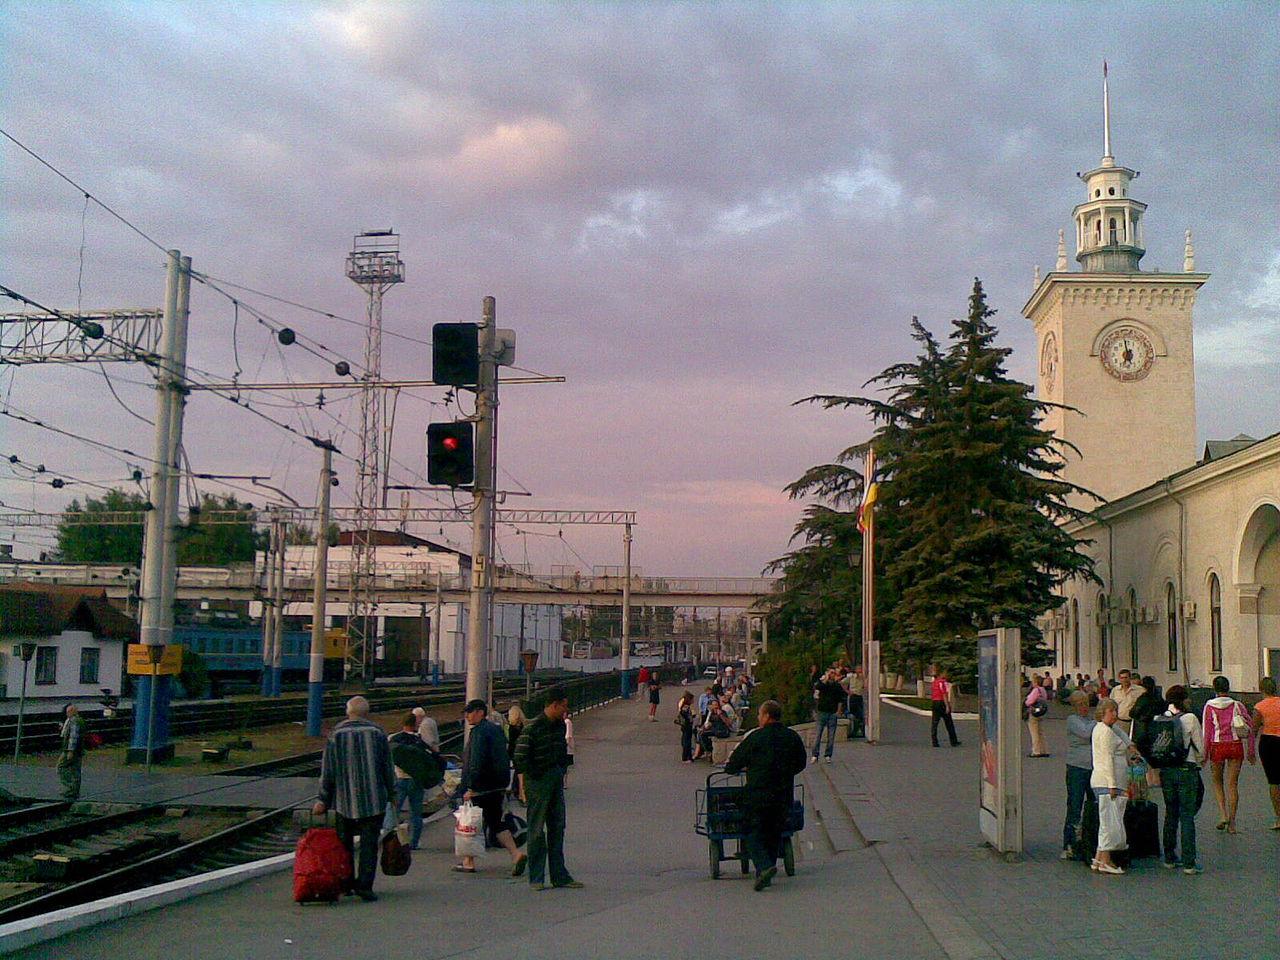 Железнодорожный вокзал Симферополя, платформа северного направления